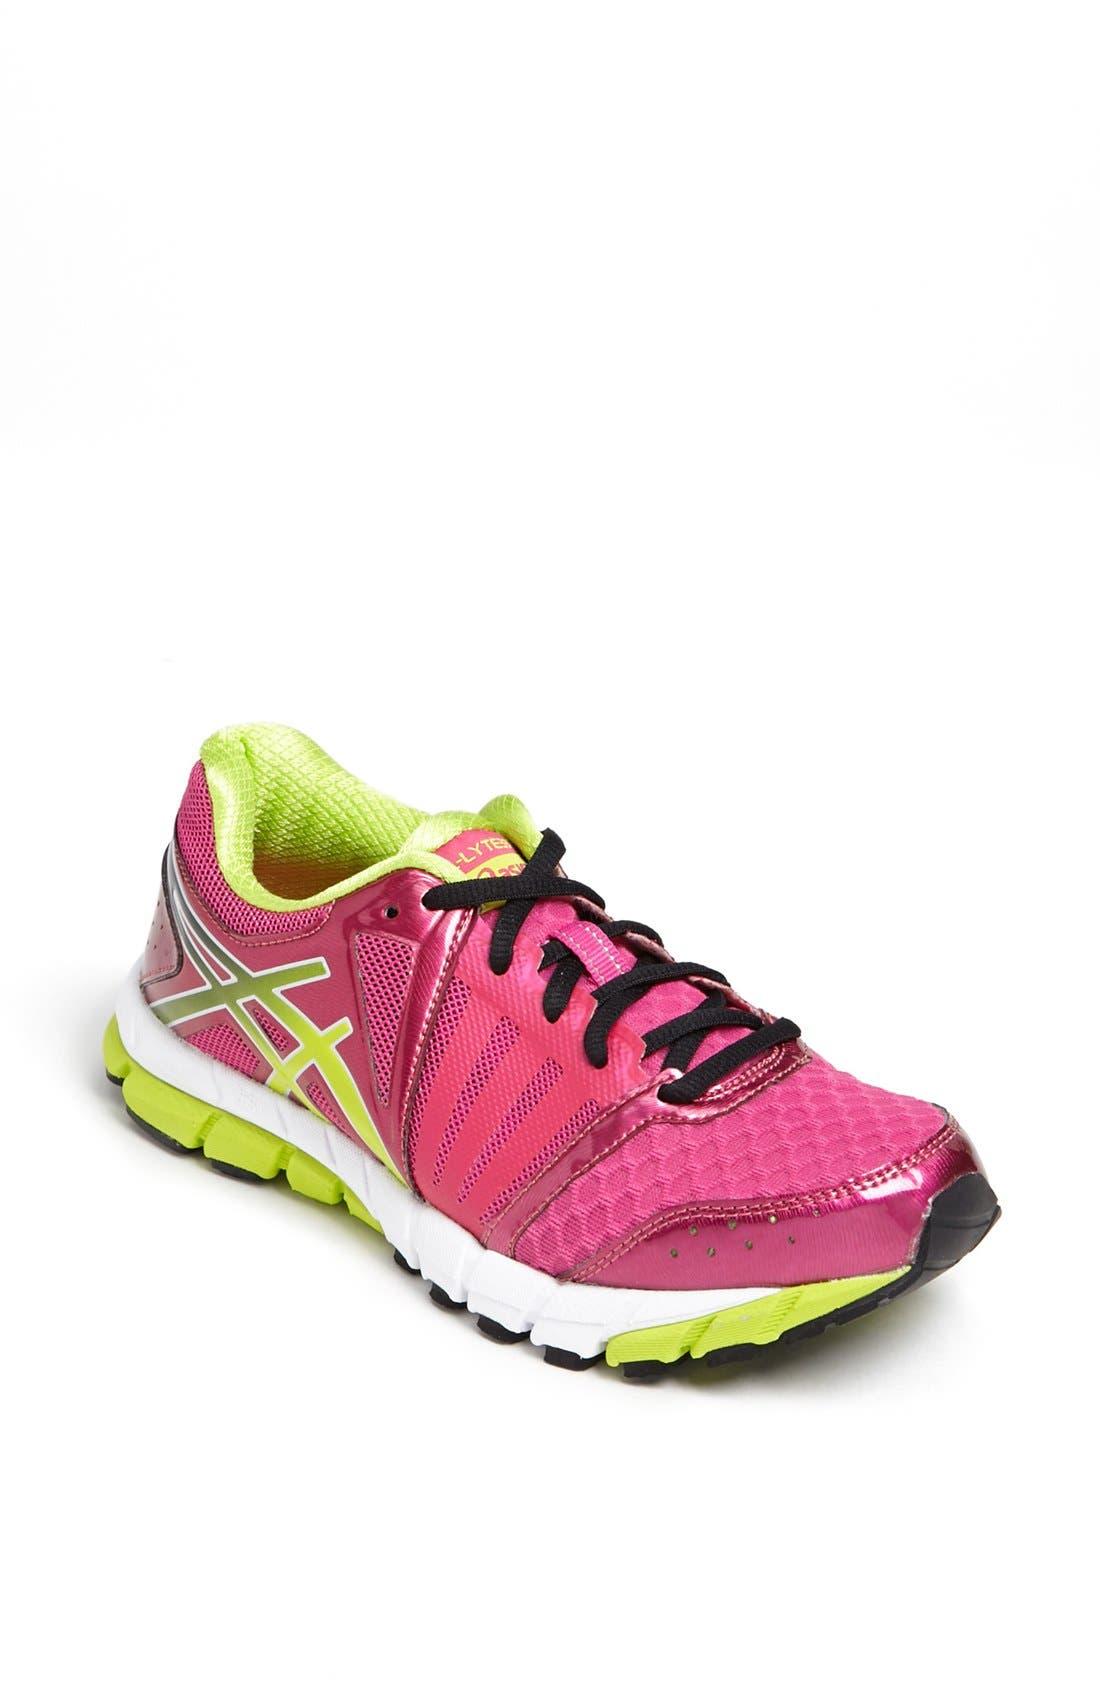 Alternate Image 1 Selected - ASICS® 'GEL-LYTE33™ 2' Running Shoe (Women)(Regular Retail Price: $84.95)